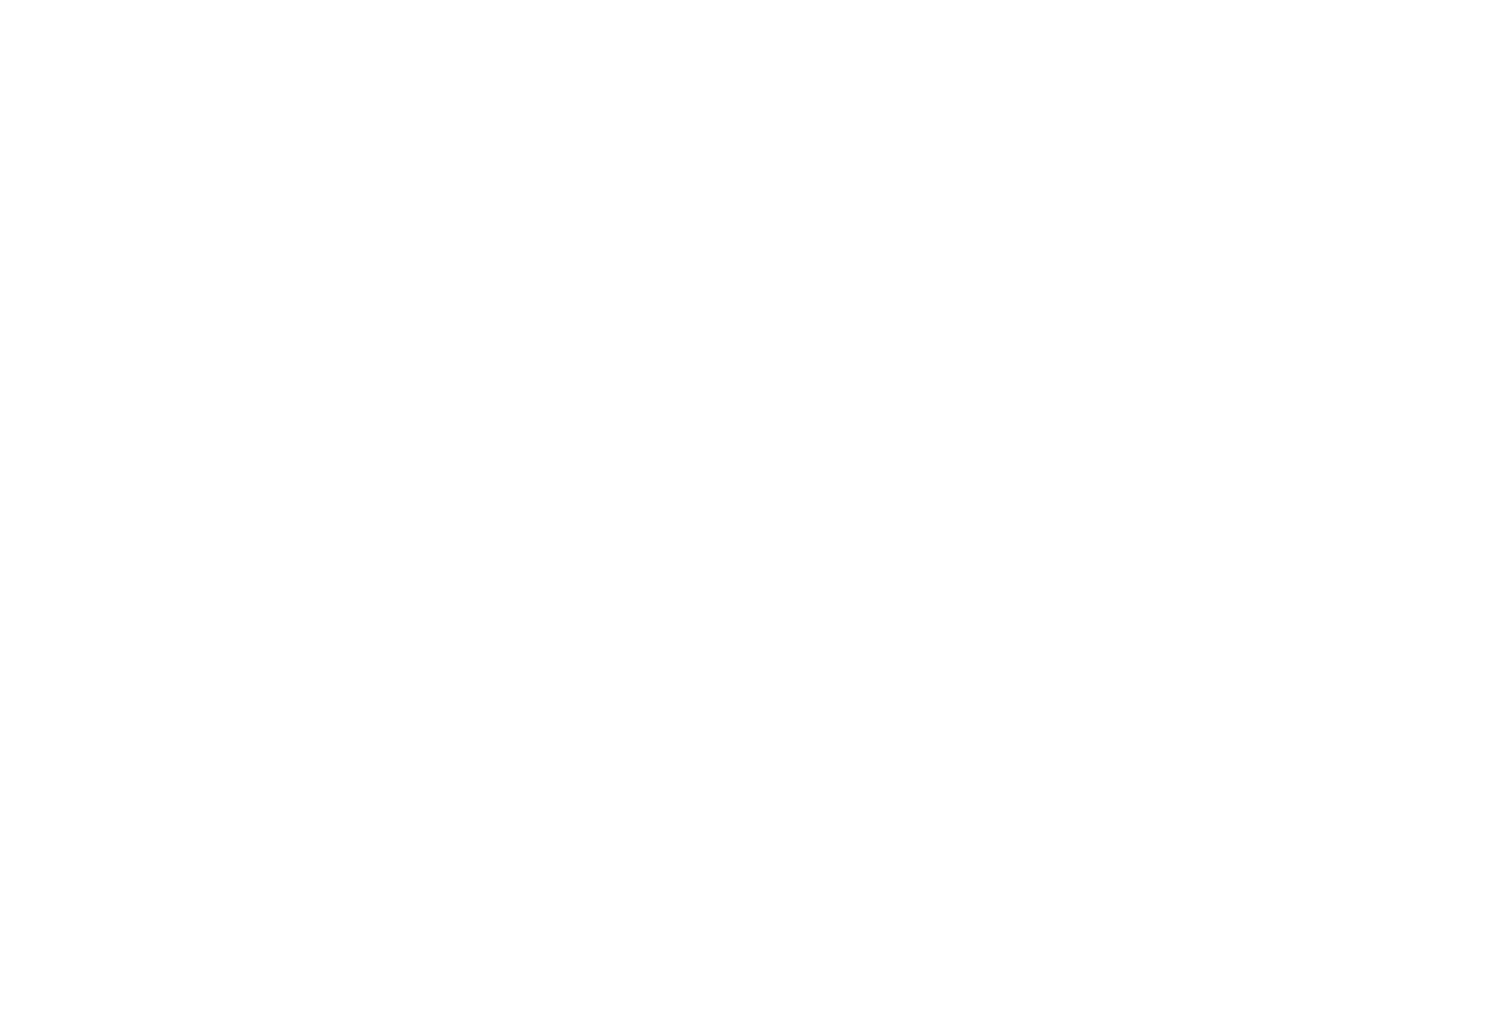 成都酒店挂画,成都镜框,成都家居挂画,成都PS装饰线条批发,PS装饰线条厂家成都十字绣装裱定做,成都画框框条,室内装饰画,简约装饰画,欧式装饰画,组合装饰画、无框画,书房装饰画,客厅装饰画,组合装饰画,成都PS装饰线条批发,人物装饰画,风景装饰画、油画。。。。。。 四川洲艺工艺品有限公司其前生是红林艺术装裱厂,主要装裱十字绣、绒绣、国画、油画等,制作镜框、相框。在广大客户和加盟商的信任和支持下,如今公司已发展成集研、产、销的多元化企业,取得了十字绣、家居饰品知名品牌的总代理,成立了室内软装专业团队,建立了